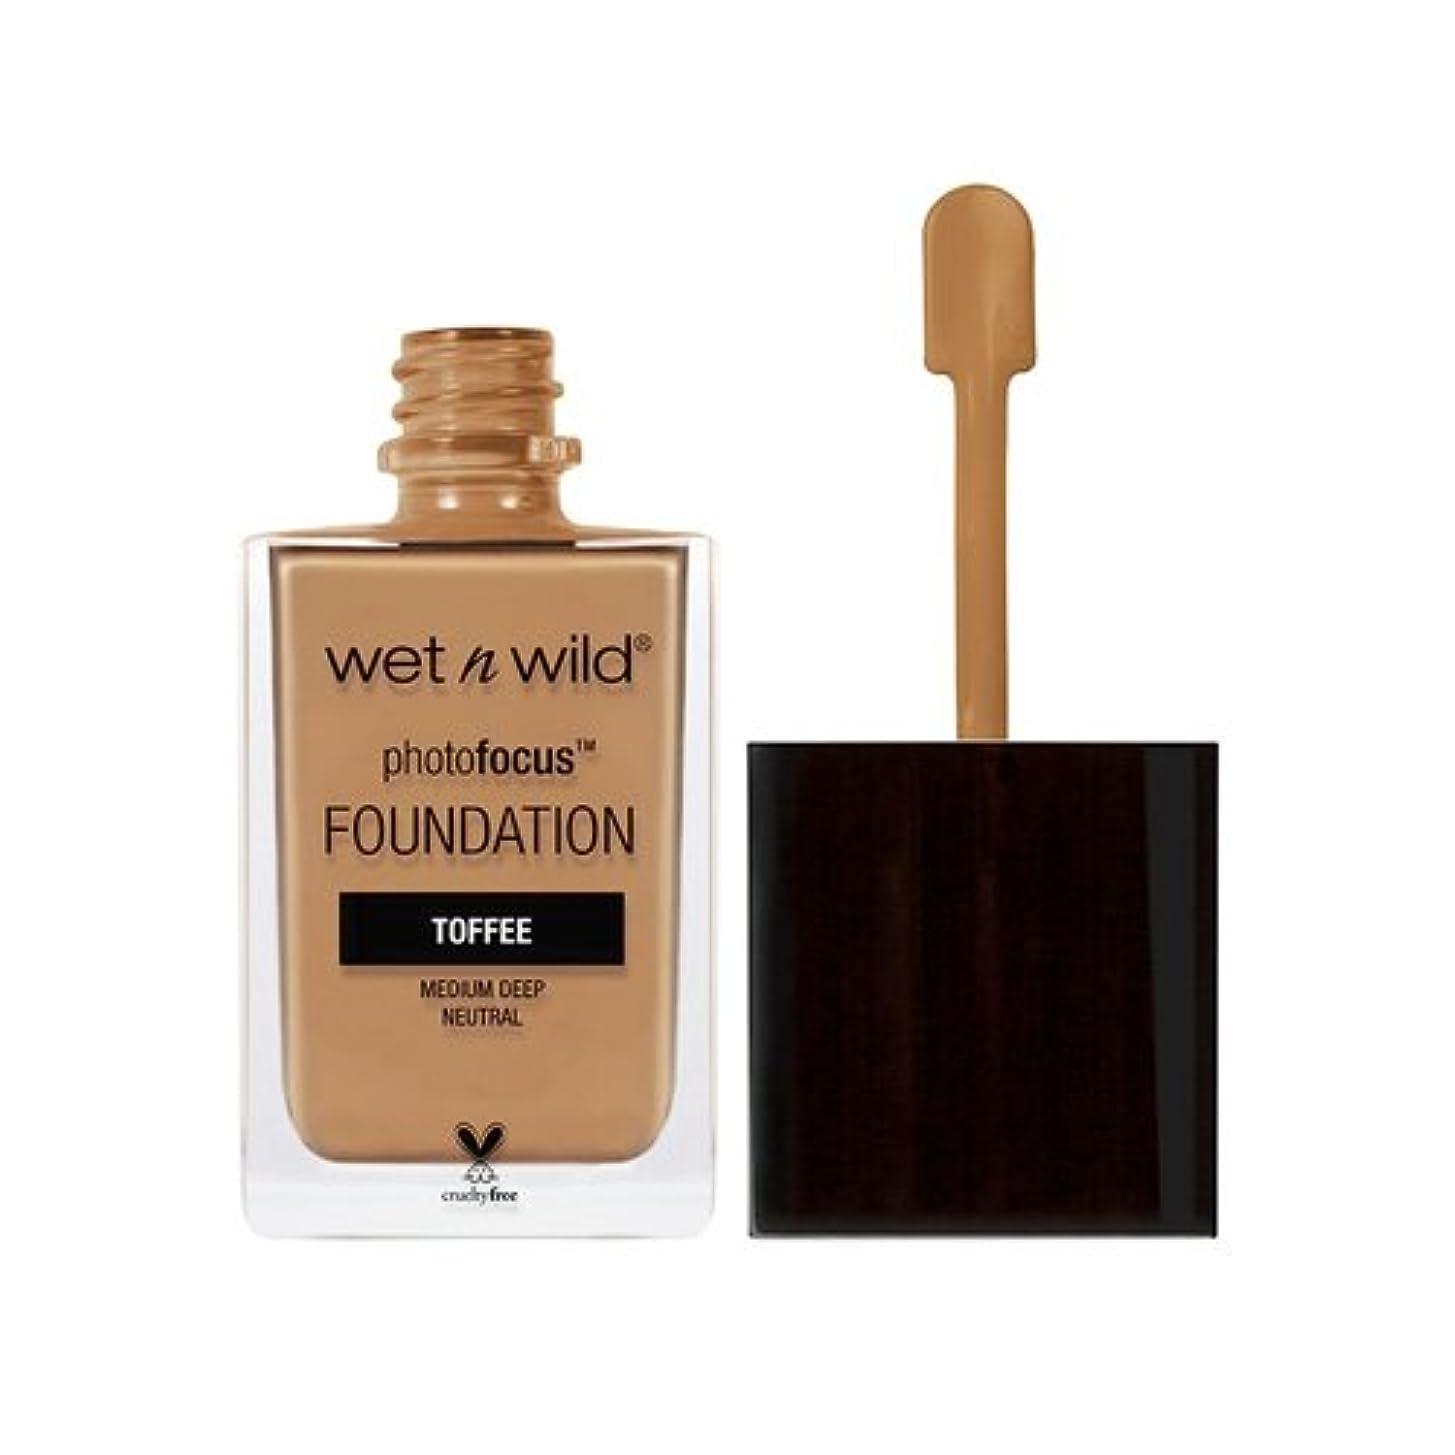 時代遅れ倉庫スケッチ(6 Pack) WET N WILD Photo Focus Foundation - Toffee (並行輸入品)